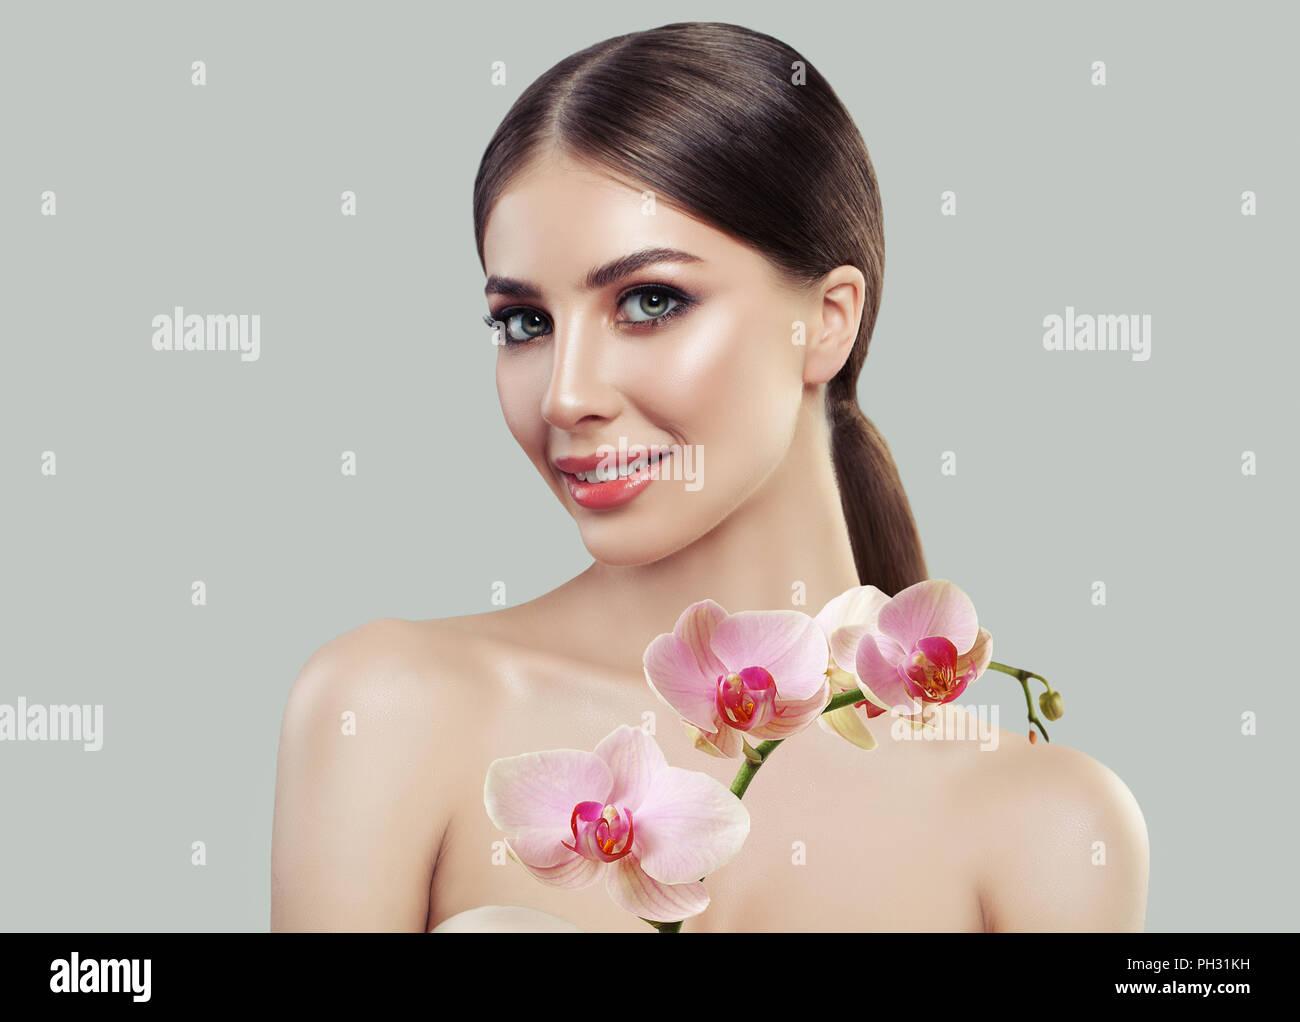 Linda mujer sonriente con la piel sana y rosa Flores de orquídeas. Tratamiento Facial, cosmetología, salón de belleza, cuidado de la piel y el concepto SPA Imagen De Stock